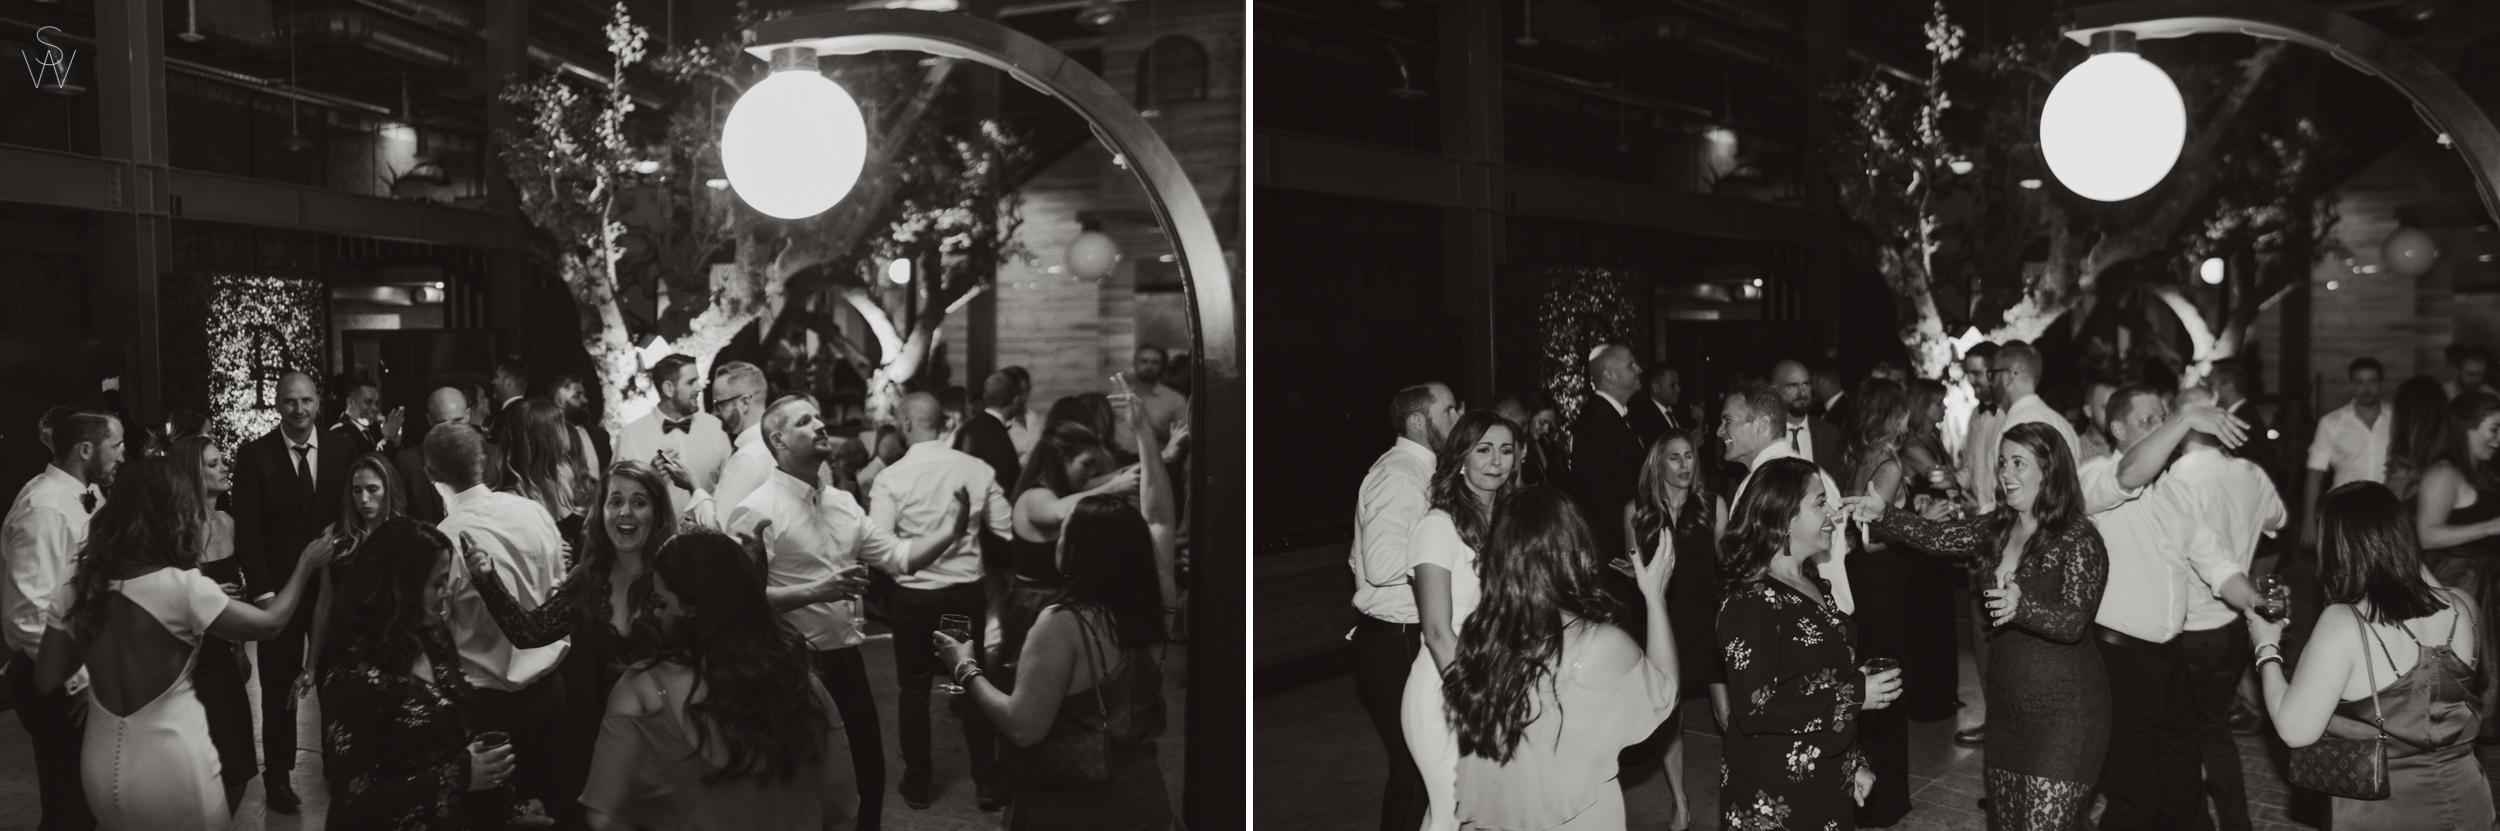 186THE.UNDERGROUND.ELEPHANT.Dancefloor.wedding.photography.shewanders.JPG